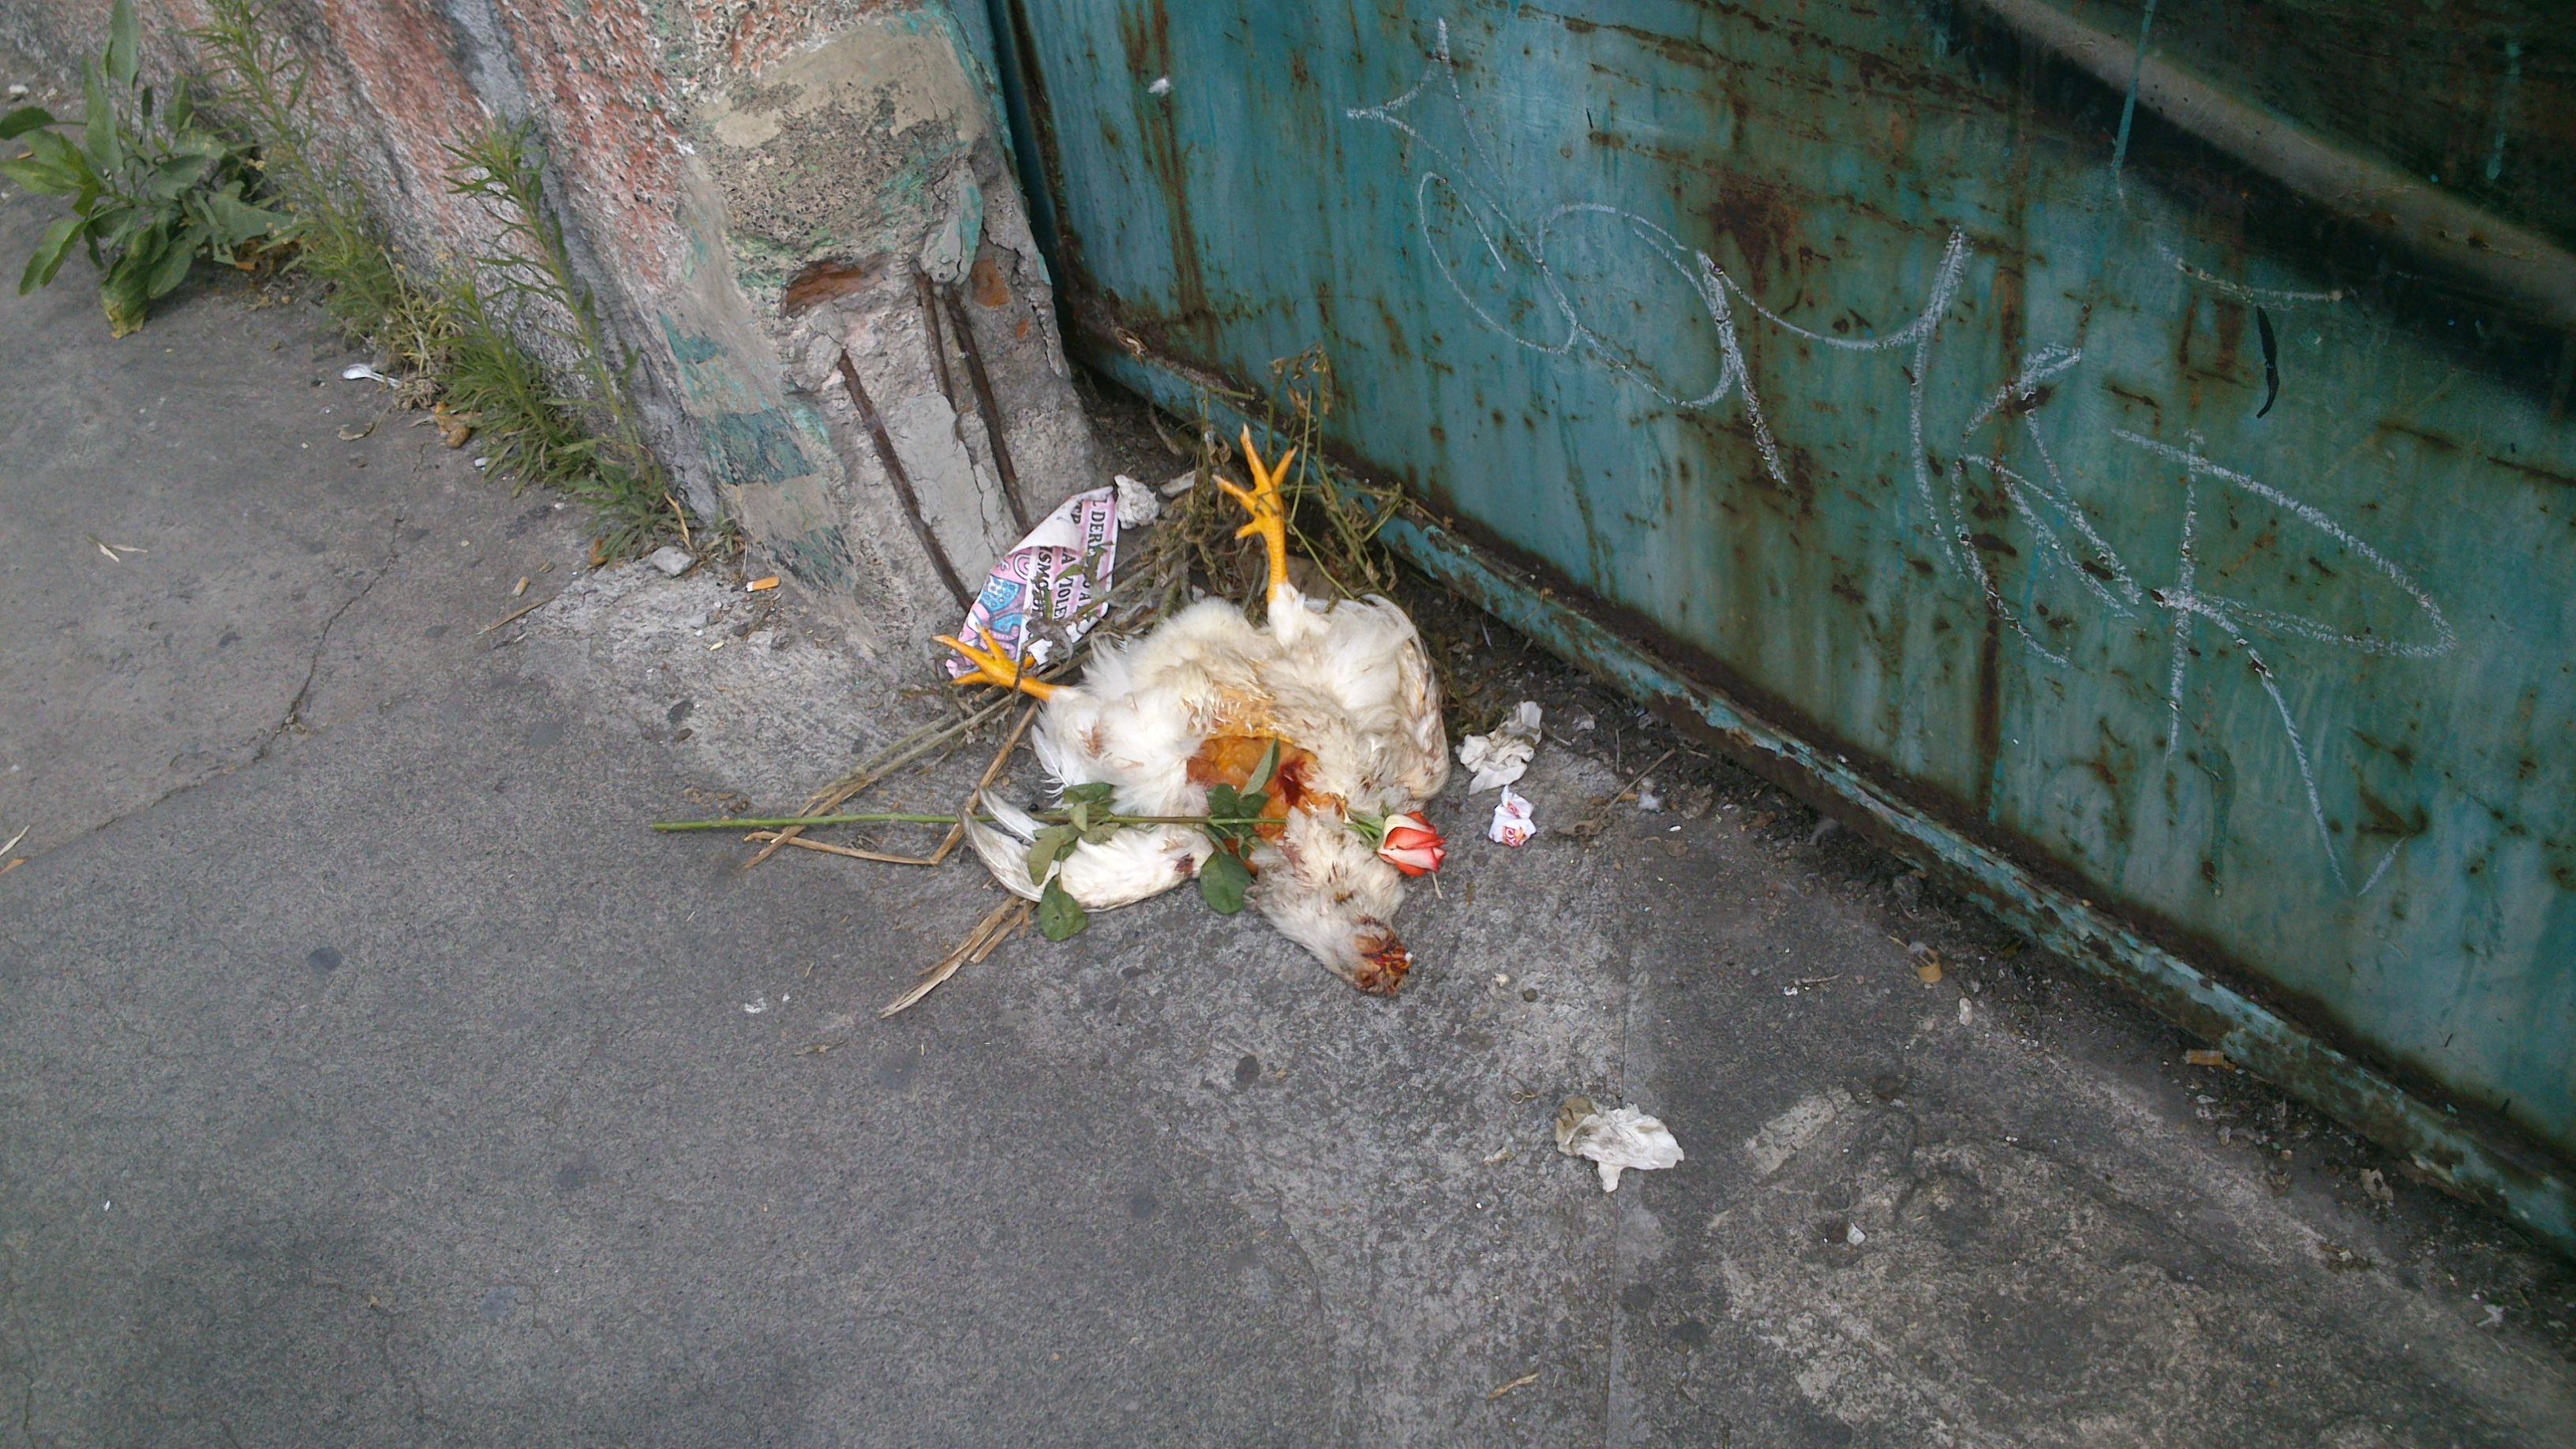 Santería, morelia, gallina muerta